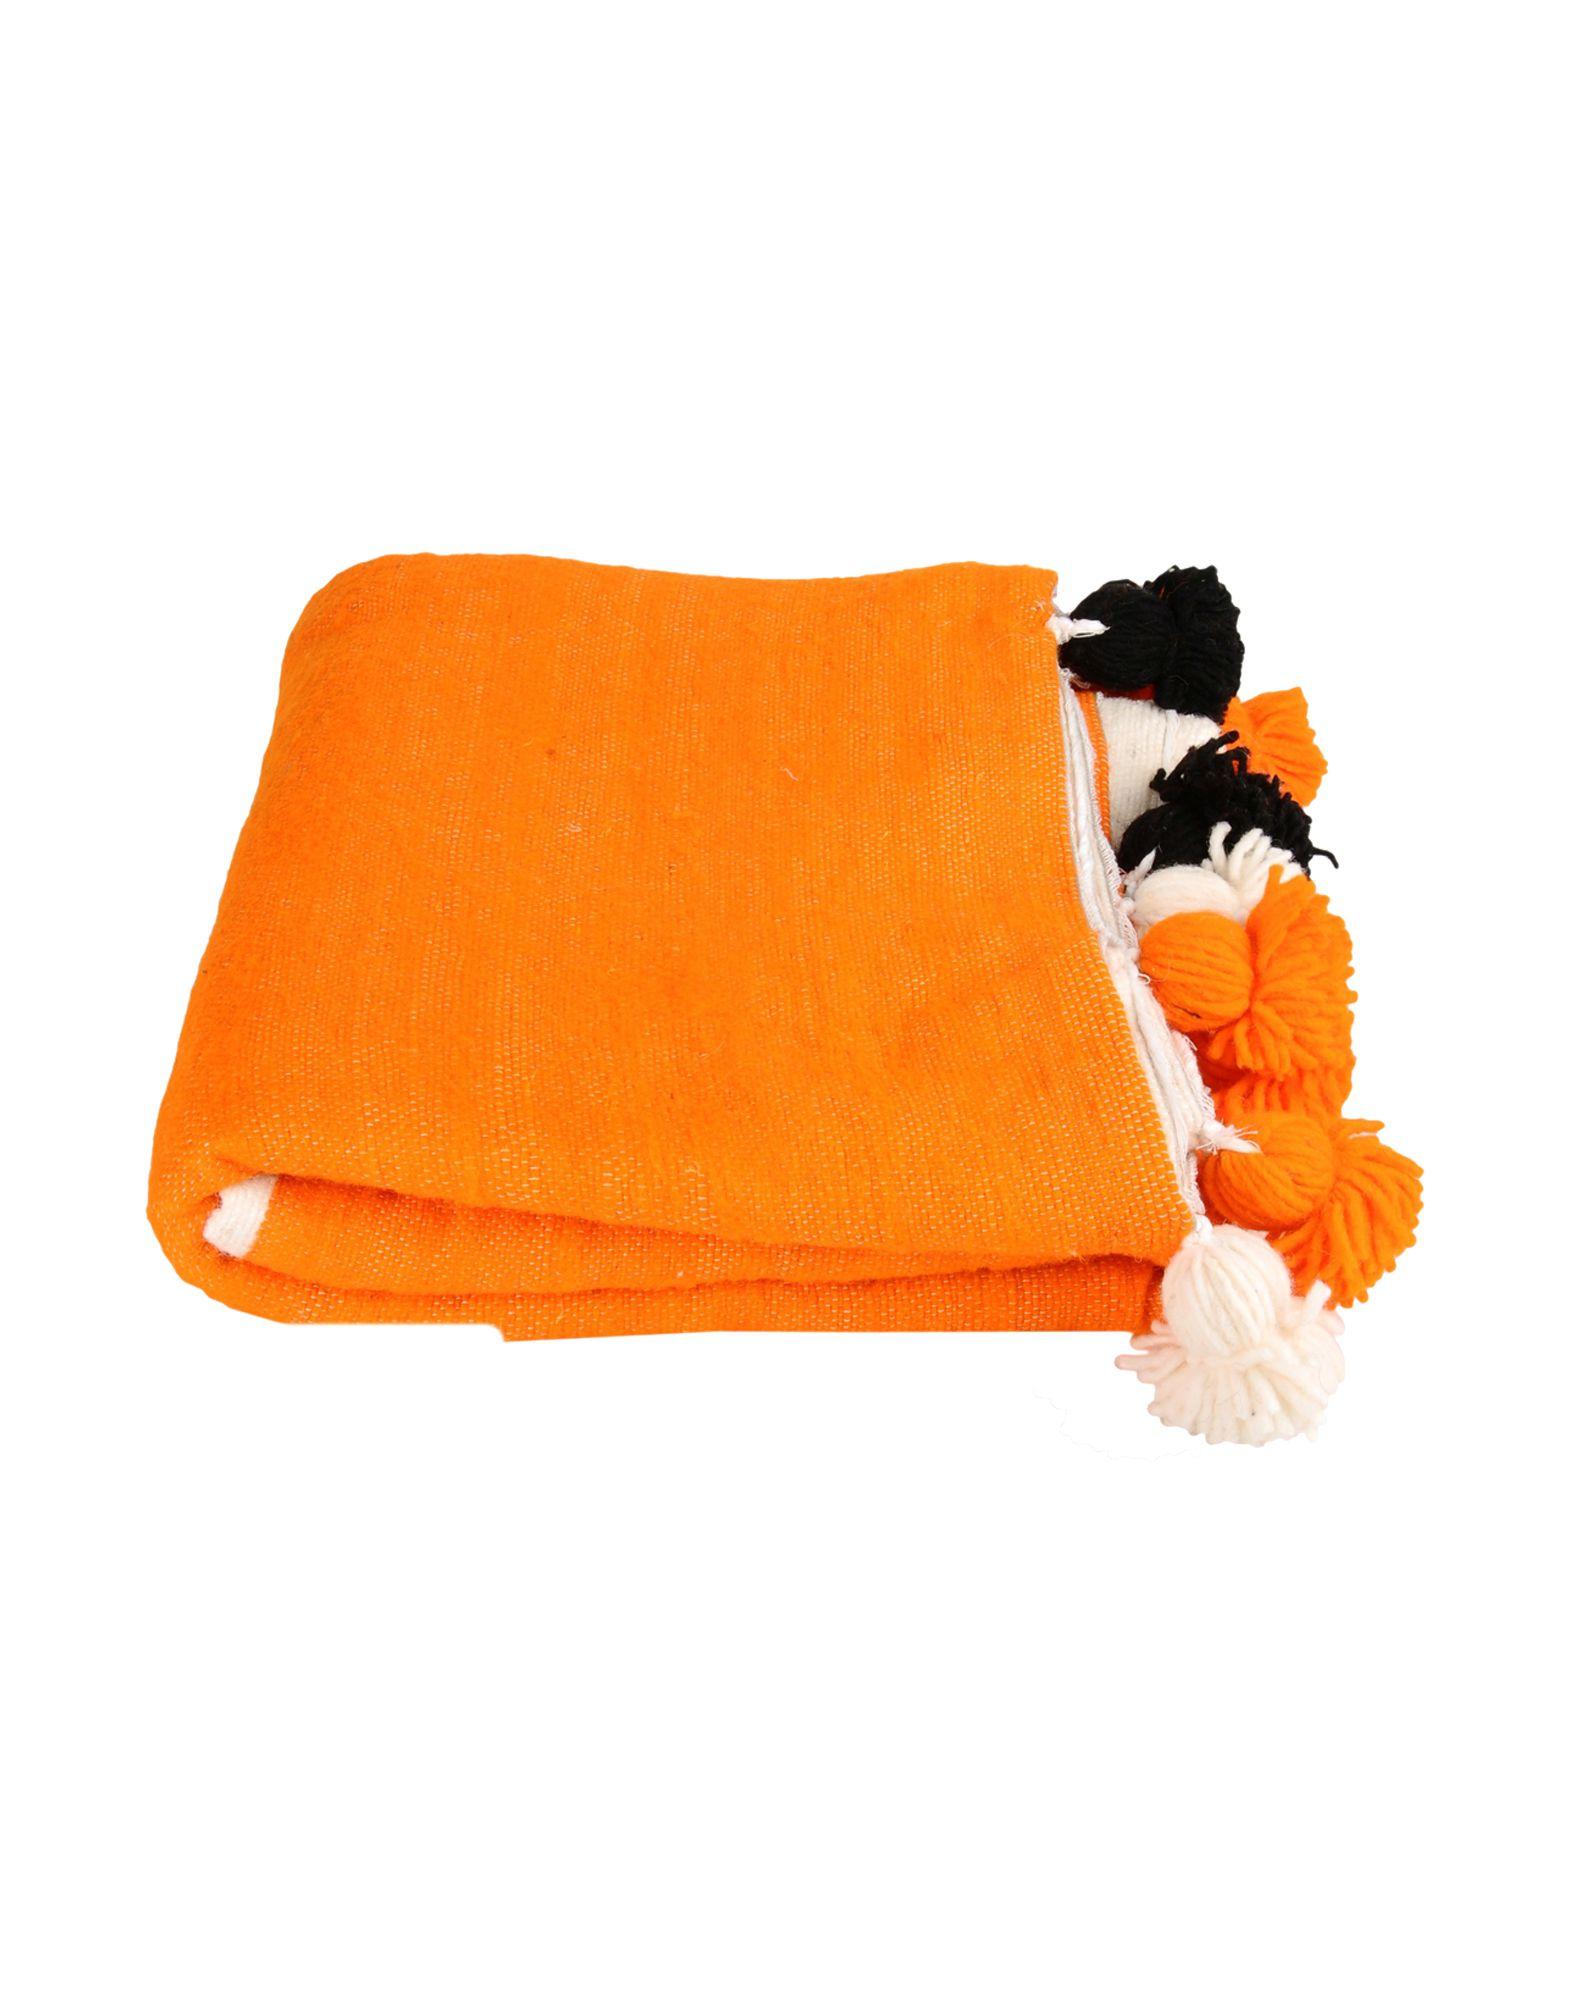 DARKROOM Unisex Wolldecke Farbe Orange Größe 1